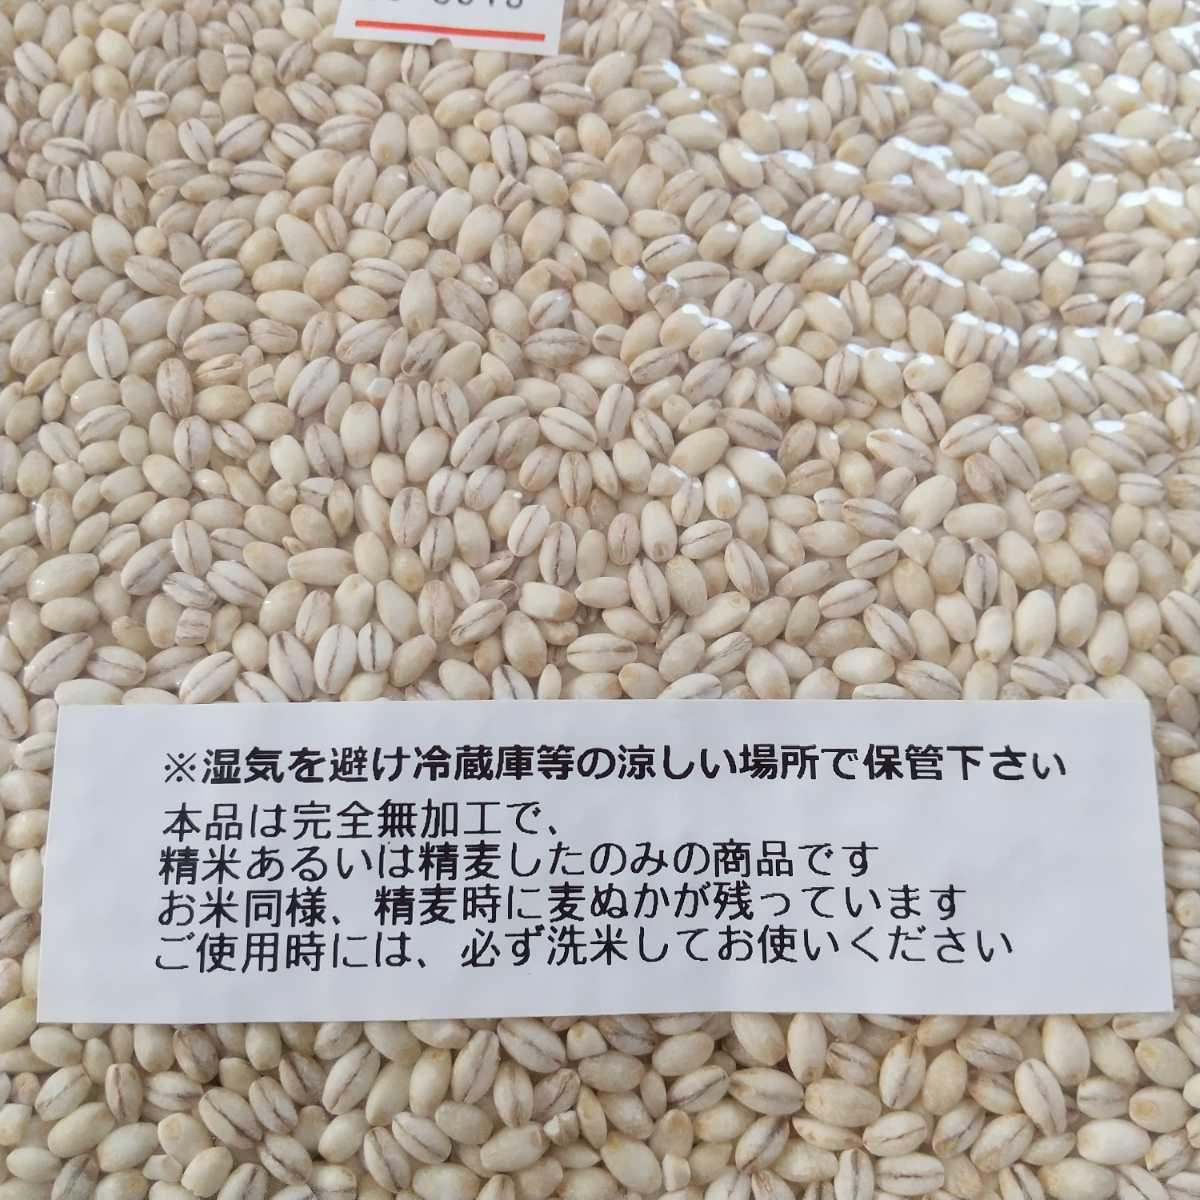 送料無料★国産 岡山県産 丸麦 950g 雑穀 大麦 _画像4